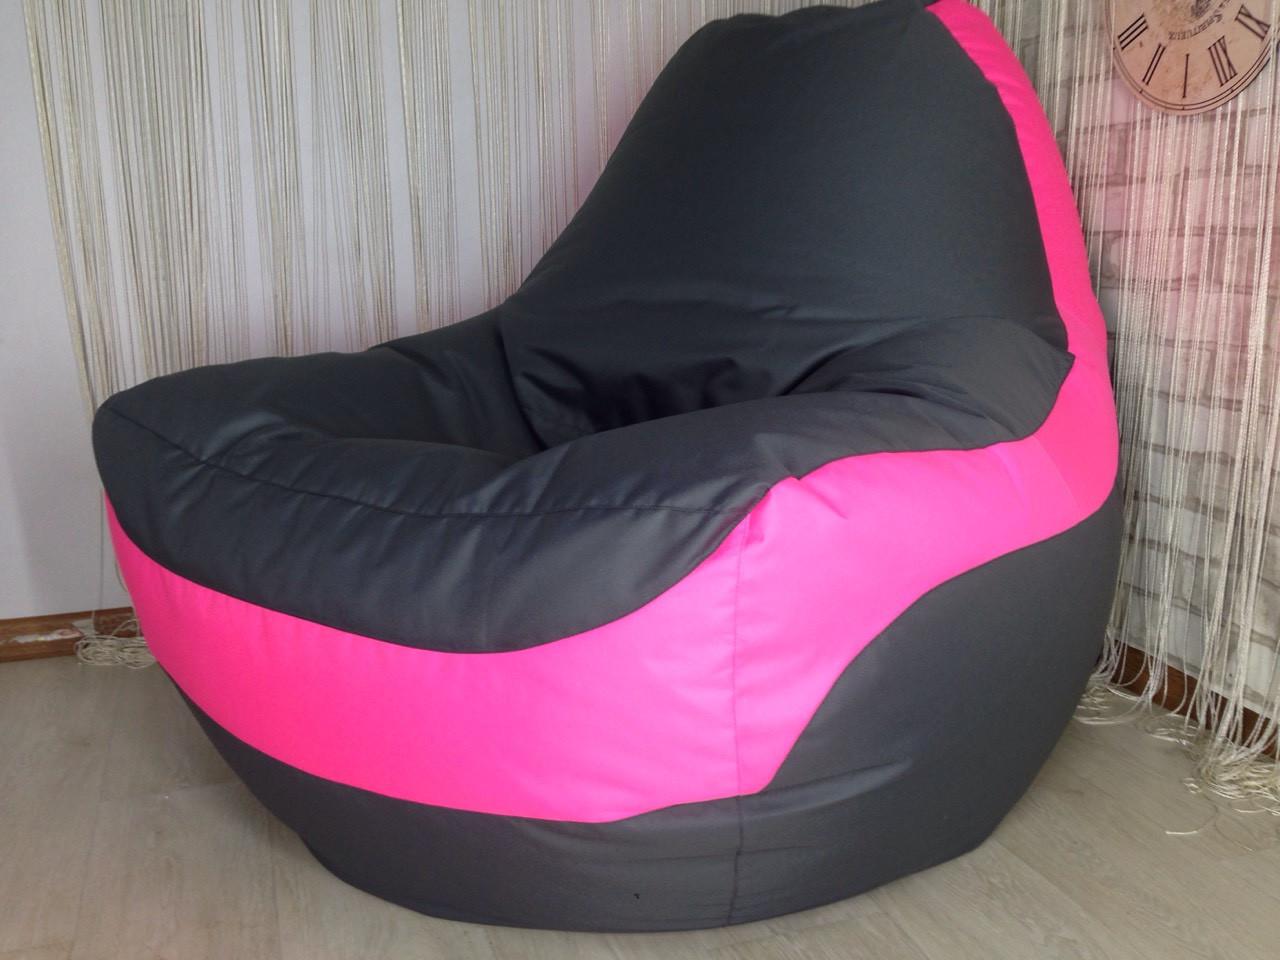 Крісло мішок, крісло-груша, крісло подушка, безкаркасне крісло Болід - великий розмір !Комфортний всім ! Тканина